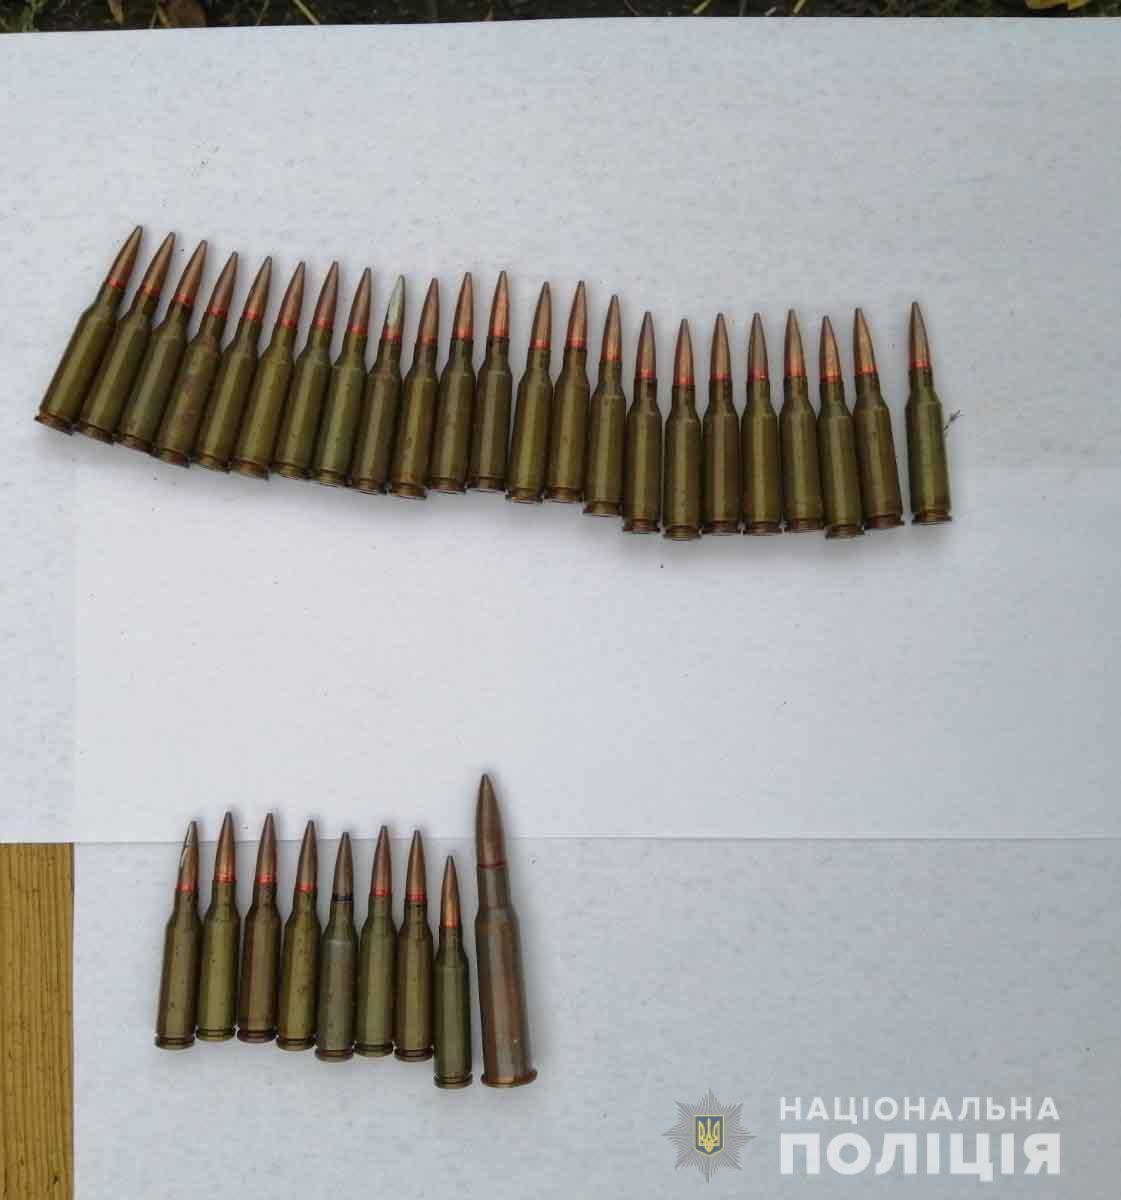 На Вінниччині у місцевого жителя вилучили більше трьох десятків боєприпасів (Фото)